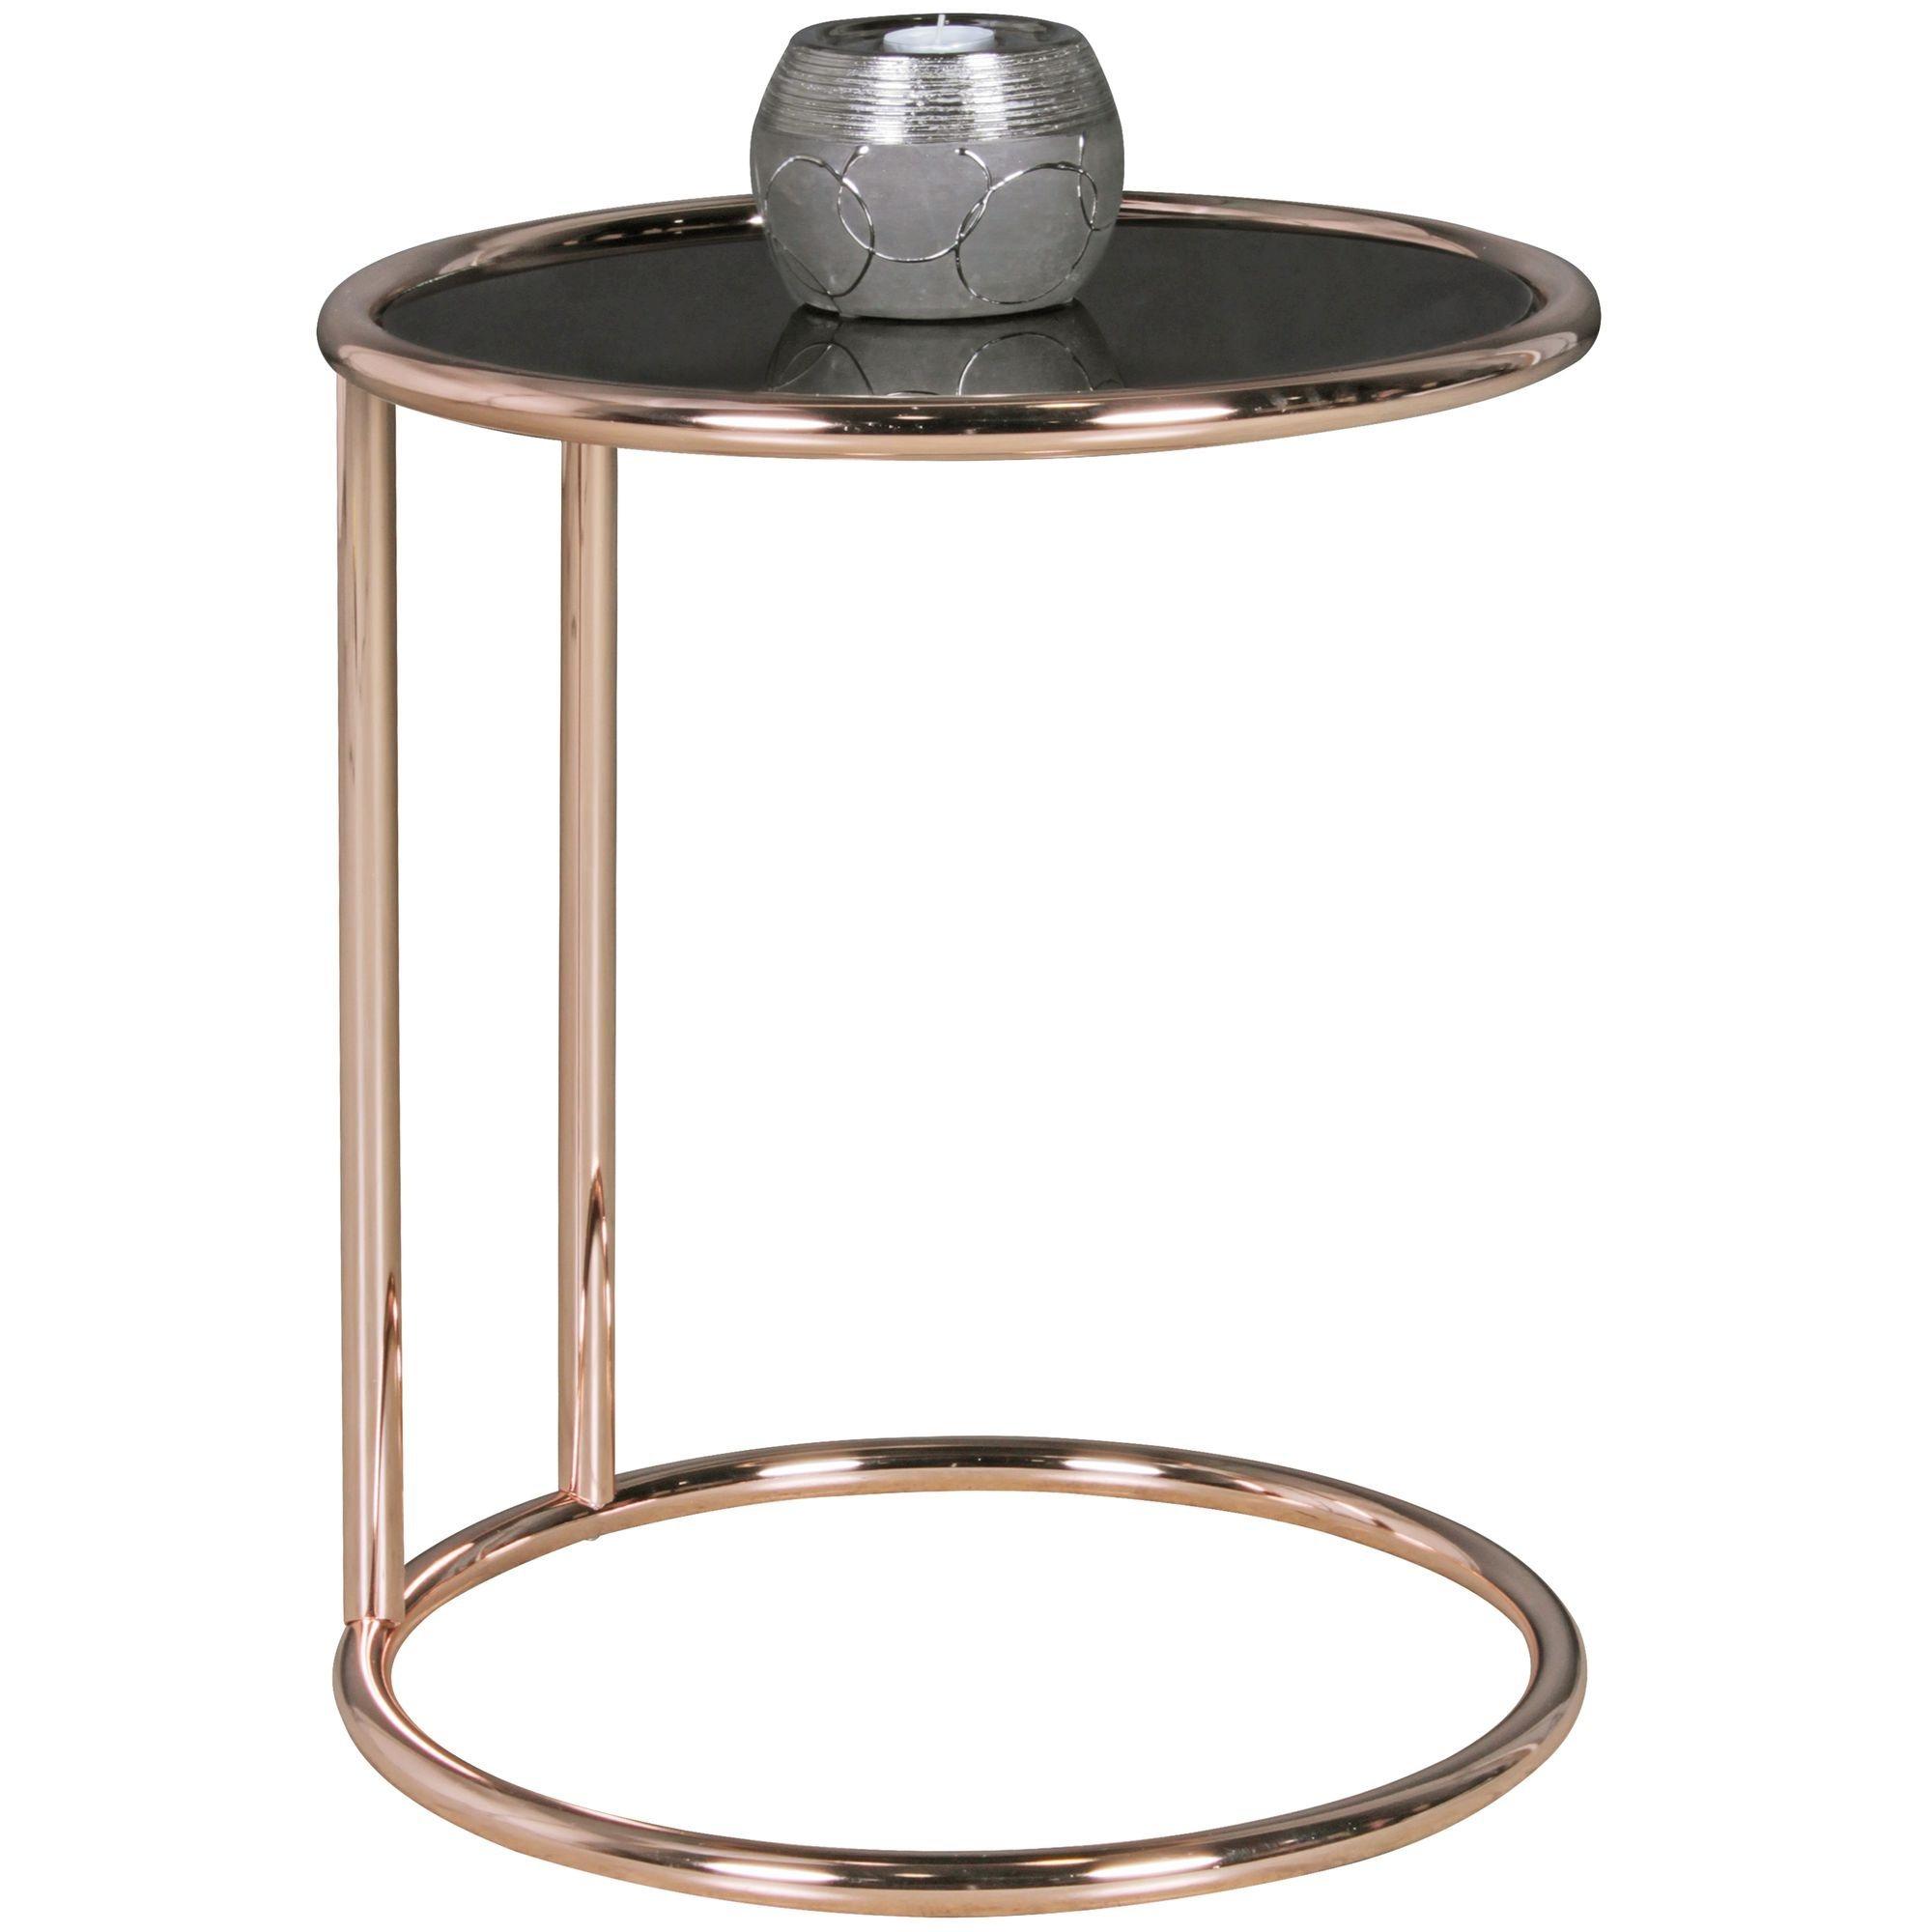 Beistelltisch »WL5.241«, Design Metall Glas ø 45 cm Schwarz / Kupfer Wohnzimmertisch verspiegelt Couchtisch modern Glastisch Sofatisch rund